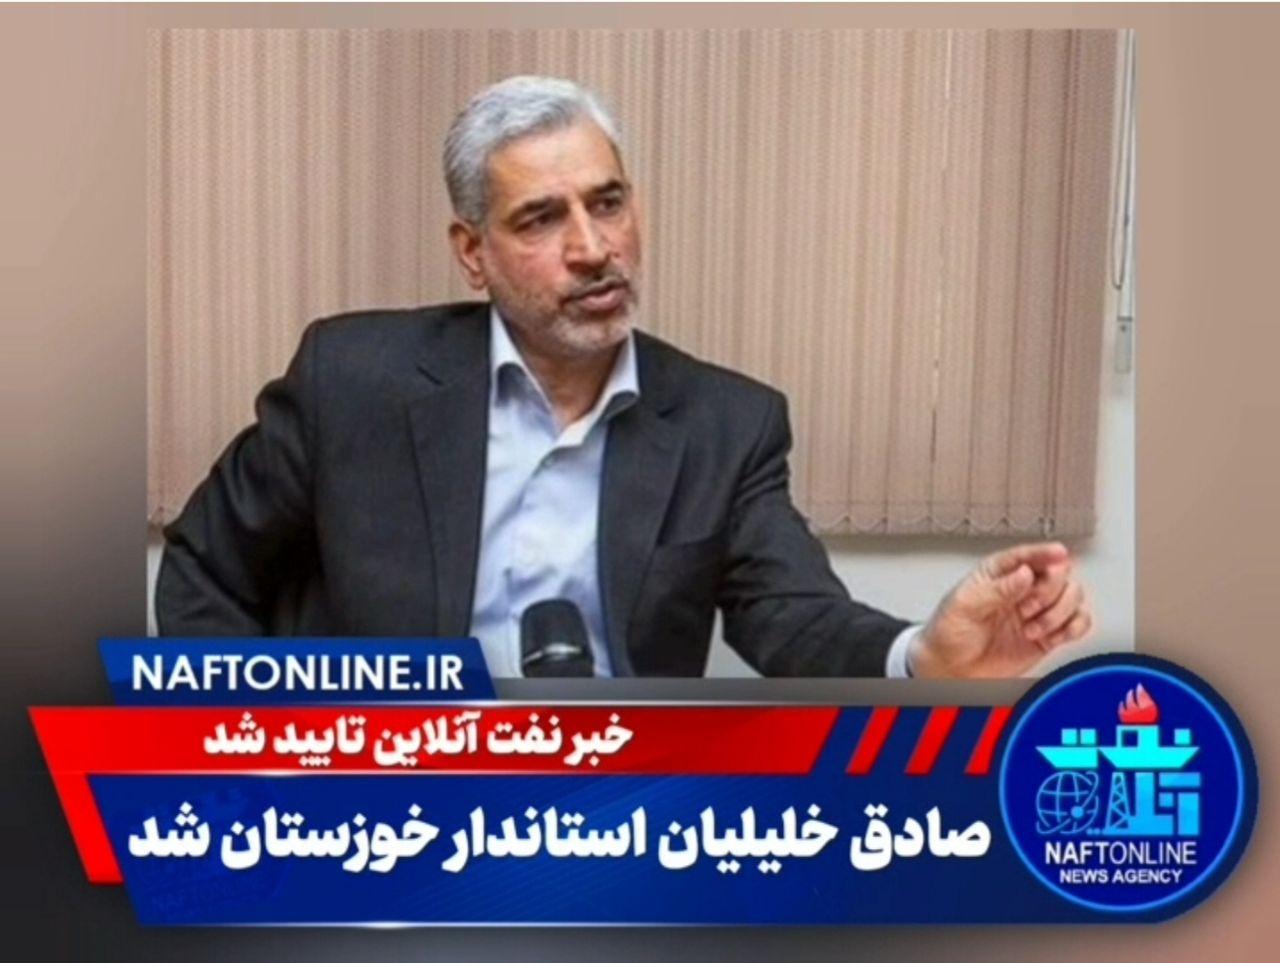 صادق خلیلیان | استاندار جدید خوزستان